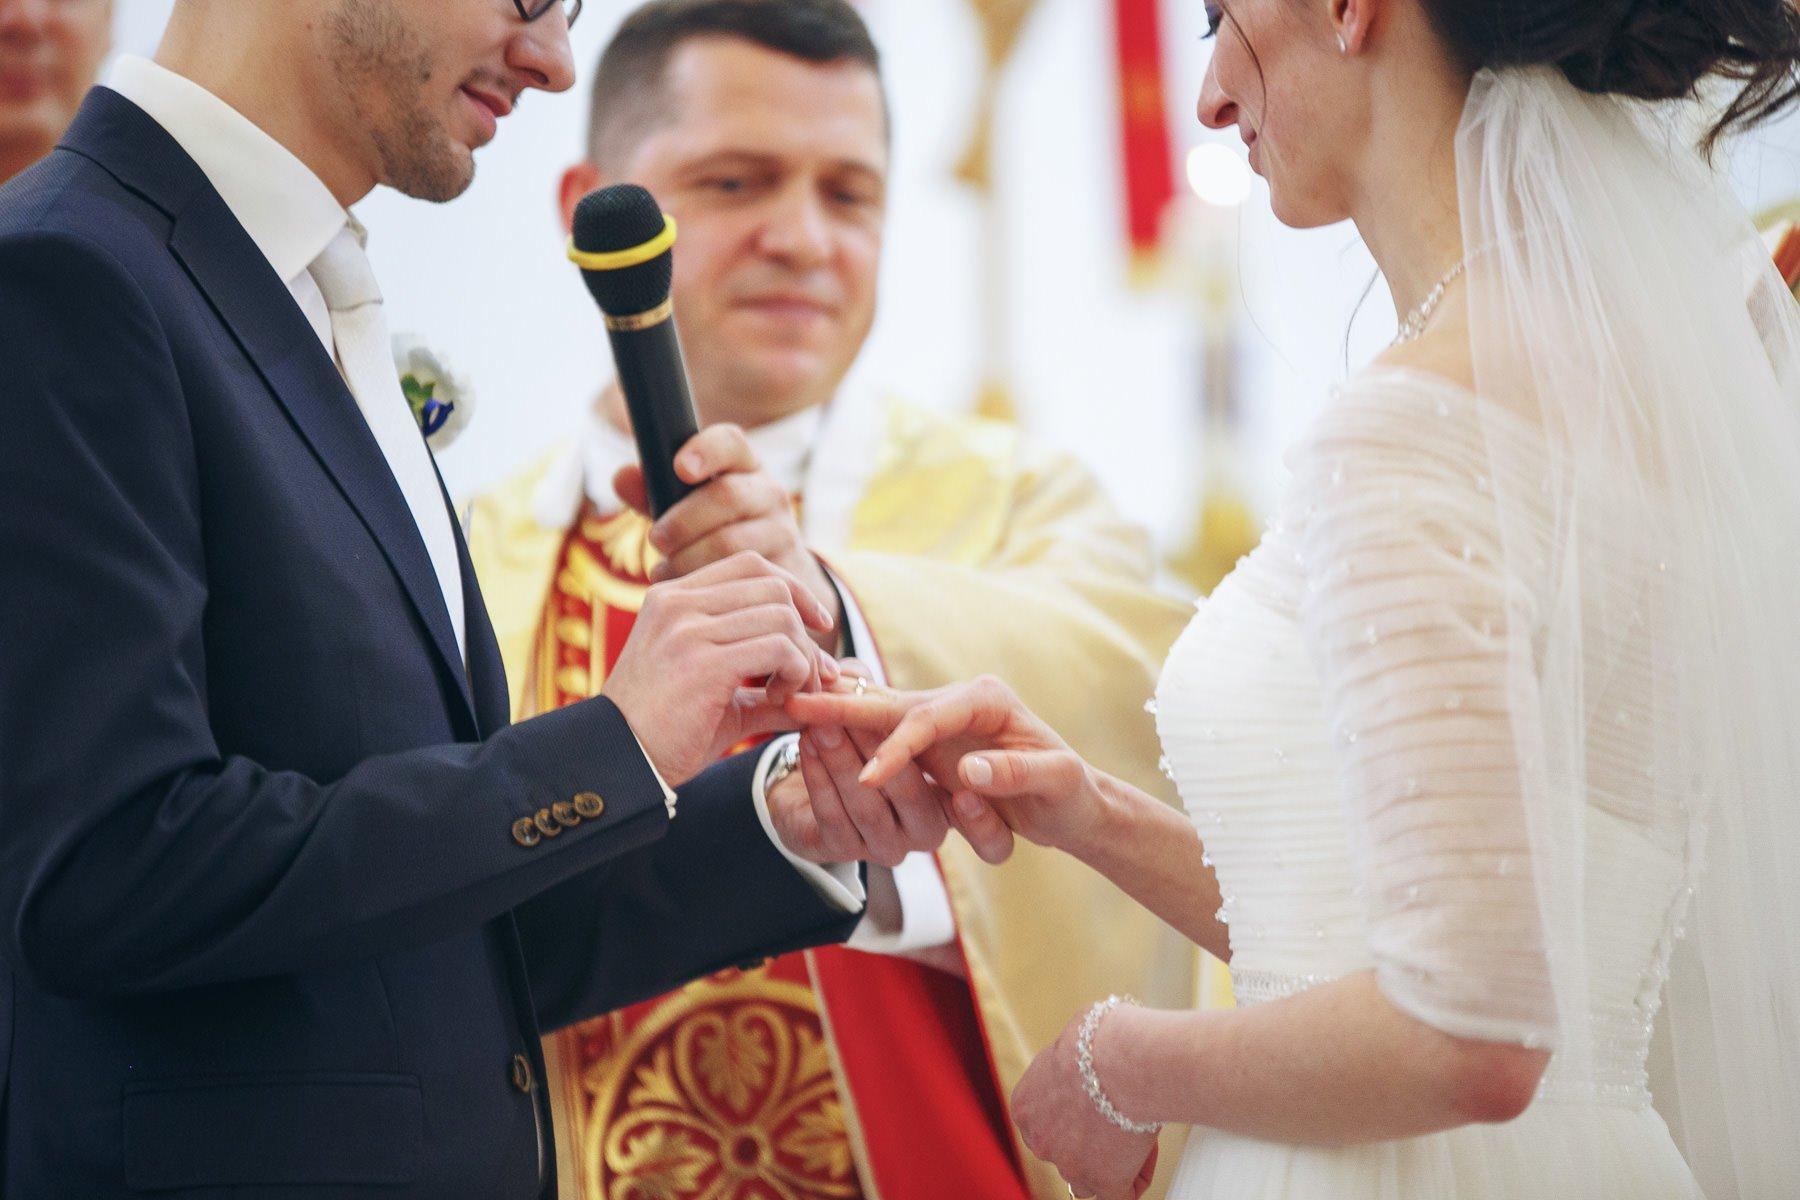 fotograf slub bielsko biala ania maciej 64 - Ślub w Bielsku-Białej - ANIA & MACIEJ